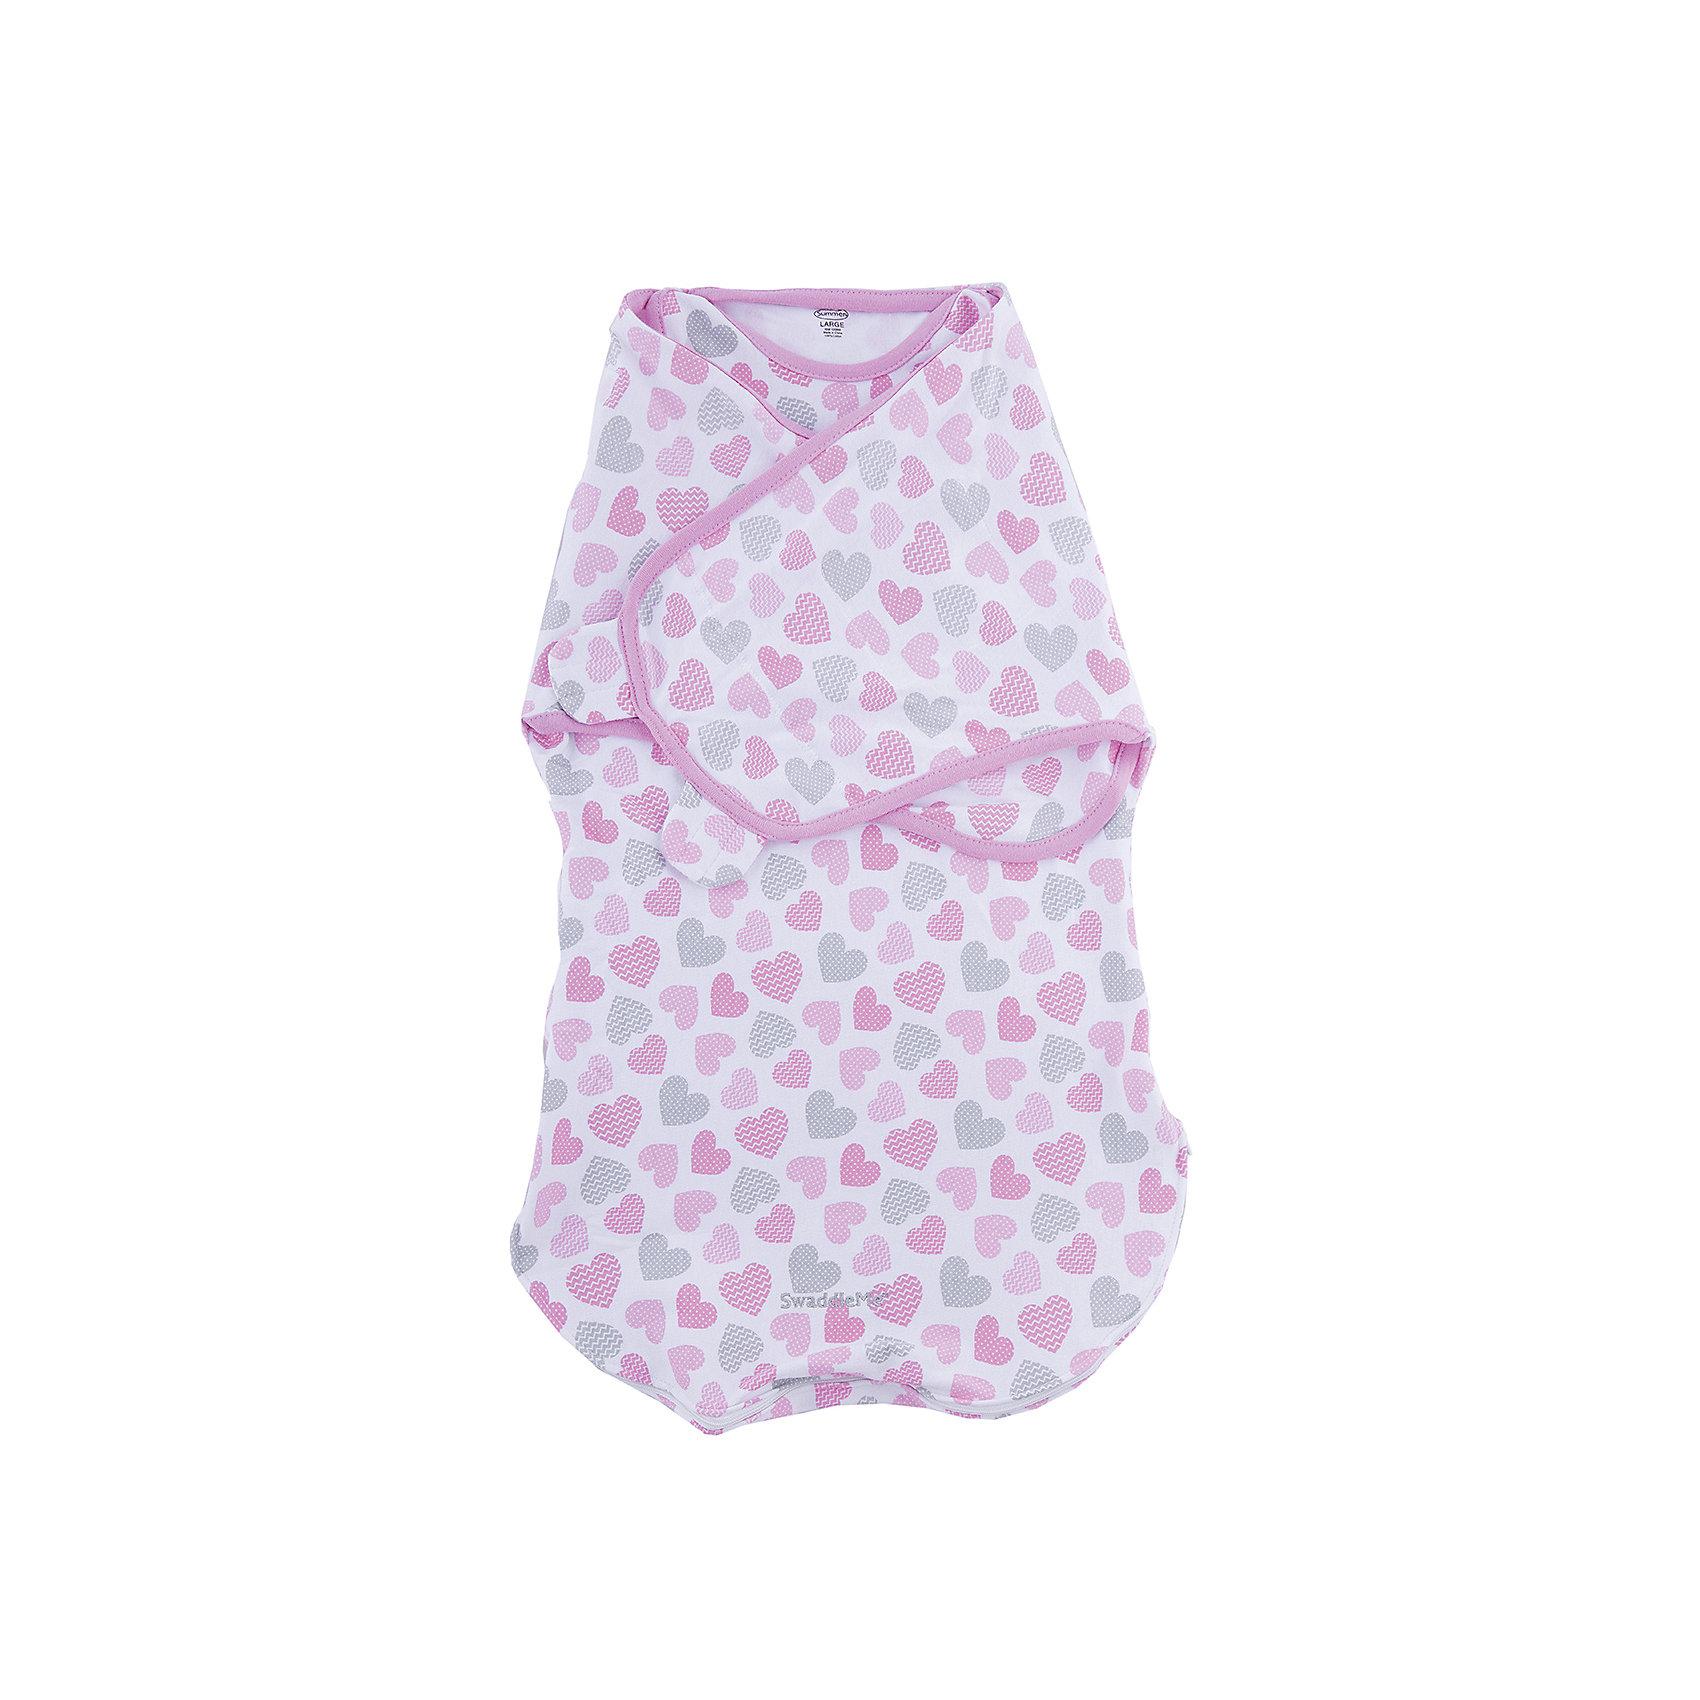 Конверт на липучке Wrap Sack, размер L, Summer Infant, сердечкиПеленание<br>Характеристики конверта на липучке Wrap Sack:<br><br>• практичная пеленка 2в1 для ребенка: конверт с крыльями и мешок для сна с прорезями для ручек;<br>• два способа фиксации;<br>• мешок для сна можно использовать вместо одеяла;<br>• руки можно запеленать, можно оставить их свободными;<br>• находясь в конверте, ребенок может спокойно двигать ножками;<br>• тип застежки: липучка;<br>• материал: 100% хлопок;<br>• размер конверта: L;<br>• вес ребенка: 6-10 кг;<br>• рост ребенка: 68-72 см;<br>• возраст ребенка: от 4 до 9 месяцев.<br><br>Практичный конверт с двумя способами фиксации дает возможность снизить рефлекторное движение ребенка ручками во сне – рефлекс вздрагивания. Ручки прилегают к туловищу, ребеночек не будит ручками себя во сне. Также можно использовать конверт как мешок для сна, когда ручки будут открыты, малыш сможет спокойно их рассматривать, шевелить ручками.<br><br>Размер упаковки: 31х22,5х20 см<br>Вес: 300 г<br><br>Конверт на липучке Wrap Sack, размер L, Summer Infant, сердечки можно купить в нашем интернет-магазине.<br><br>Ширина мм: 225<br>Глубина мм: 310<br>Высота мм: 20<br>Вес г: 300<br>Возраст от месяцев: 3<br>Возраст до месяцев: 9<br>Пол: Женский<br>Возраст: Детский<br>SKU: 5508002